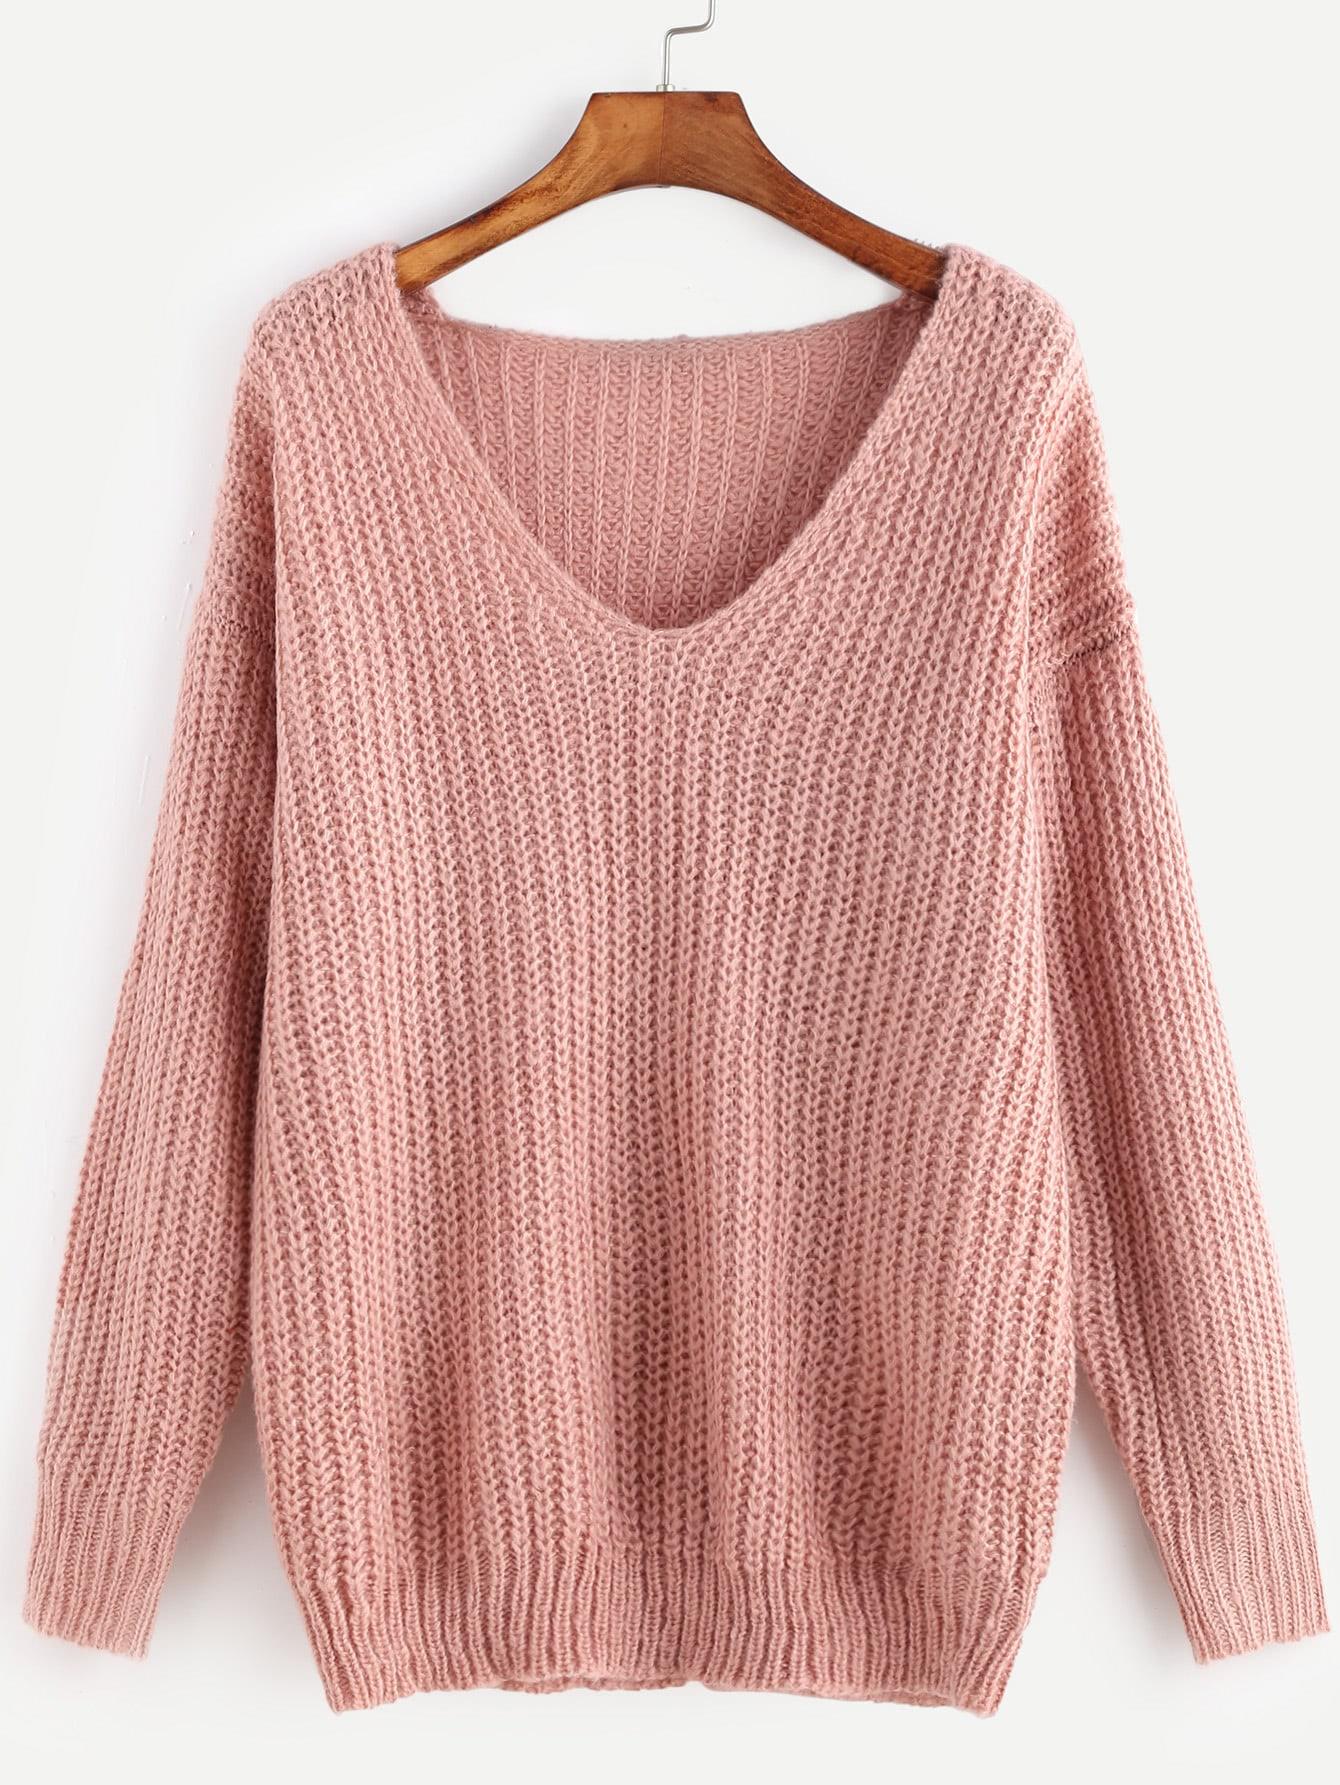 Pink Ribbed Knit V Neck Drop Shoulder Sweater sweater161104402